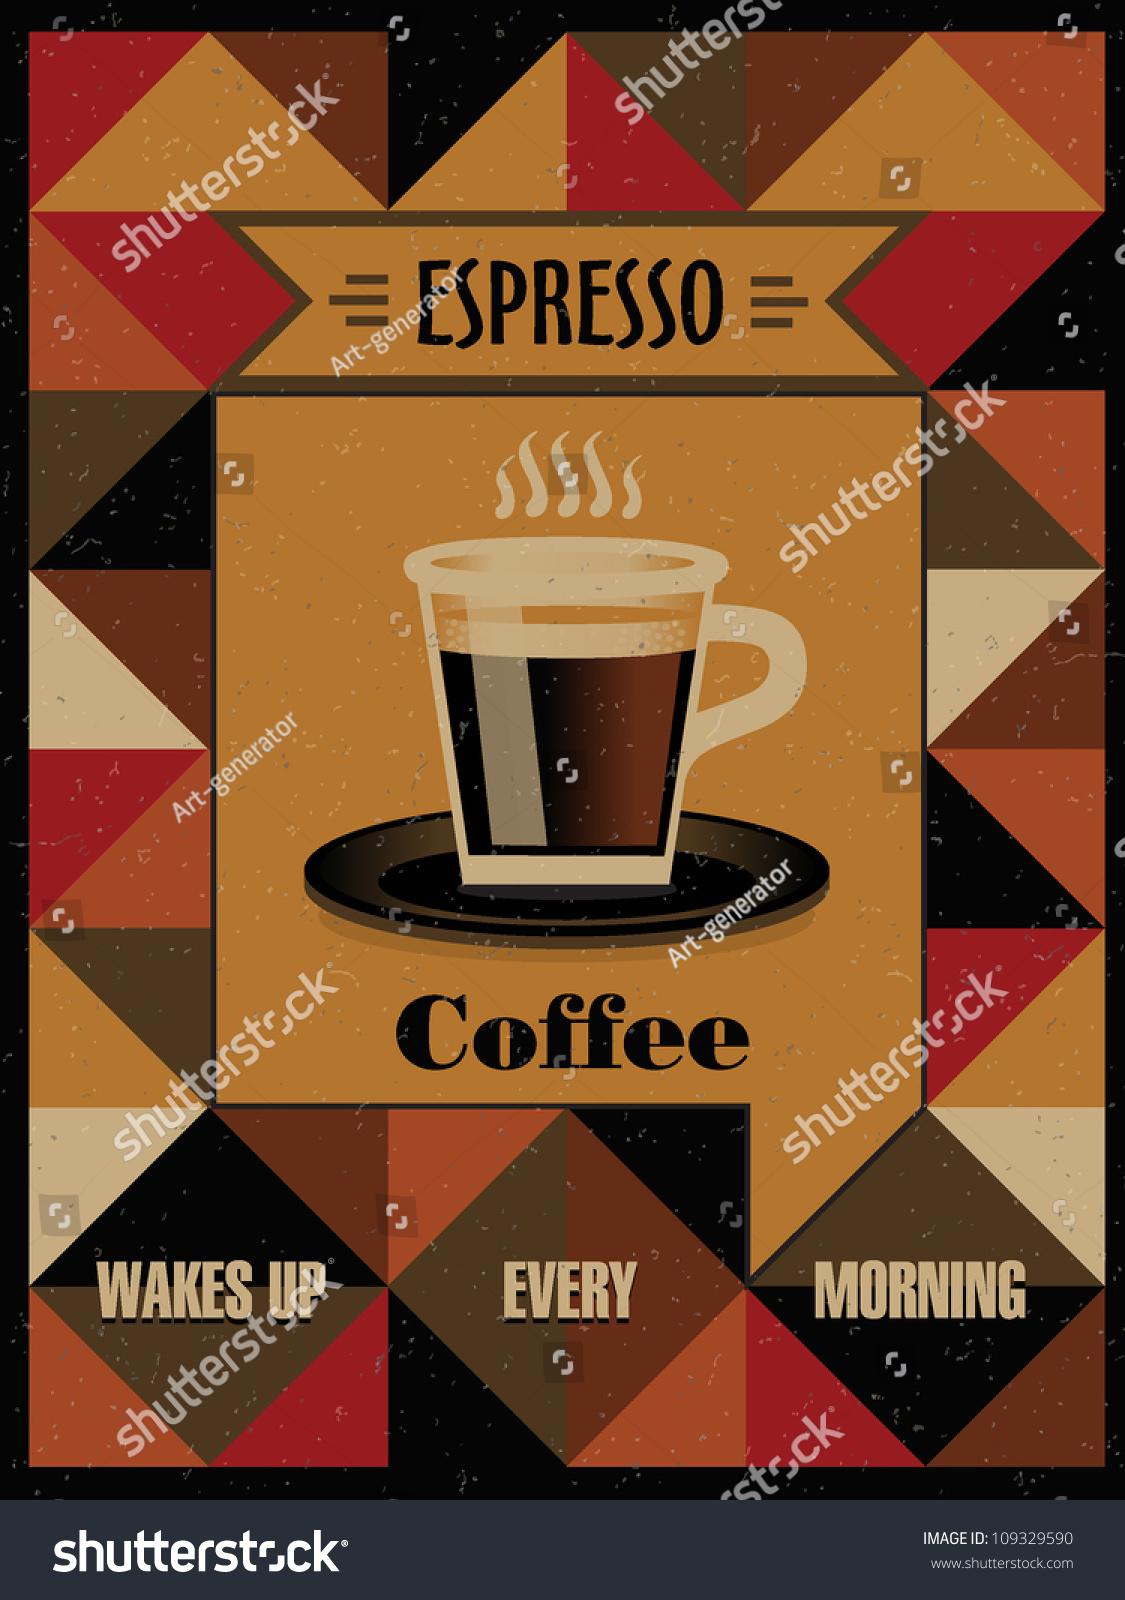 Coffee Espresso Retro Poster Stock Vector 109329590 - Shutterstock